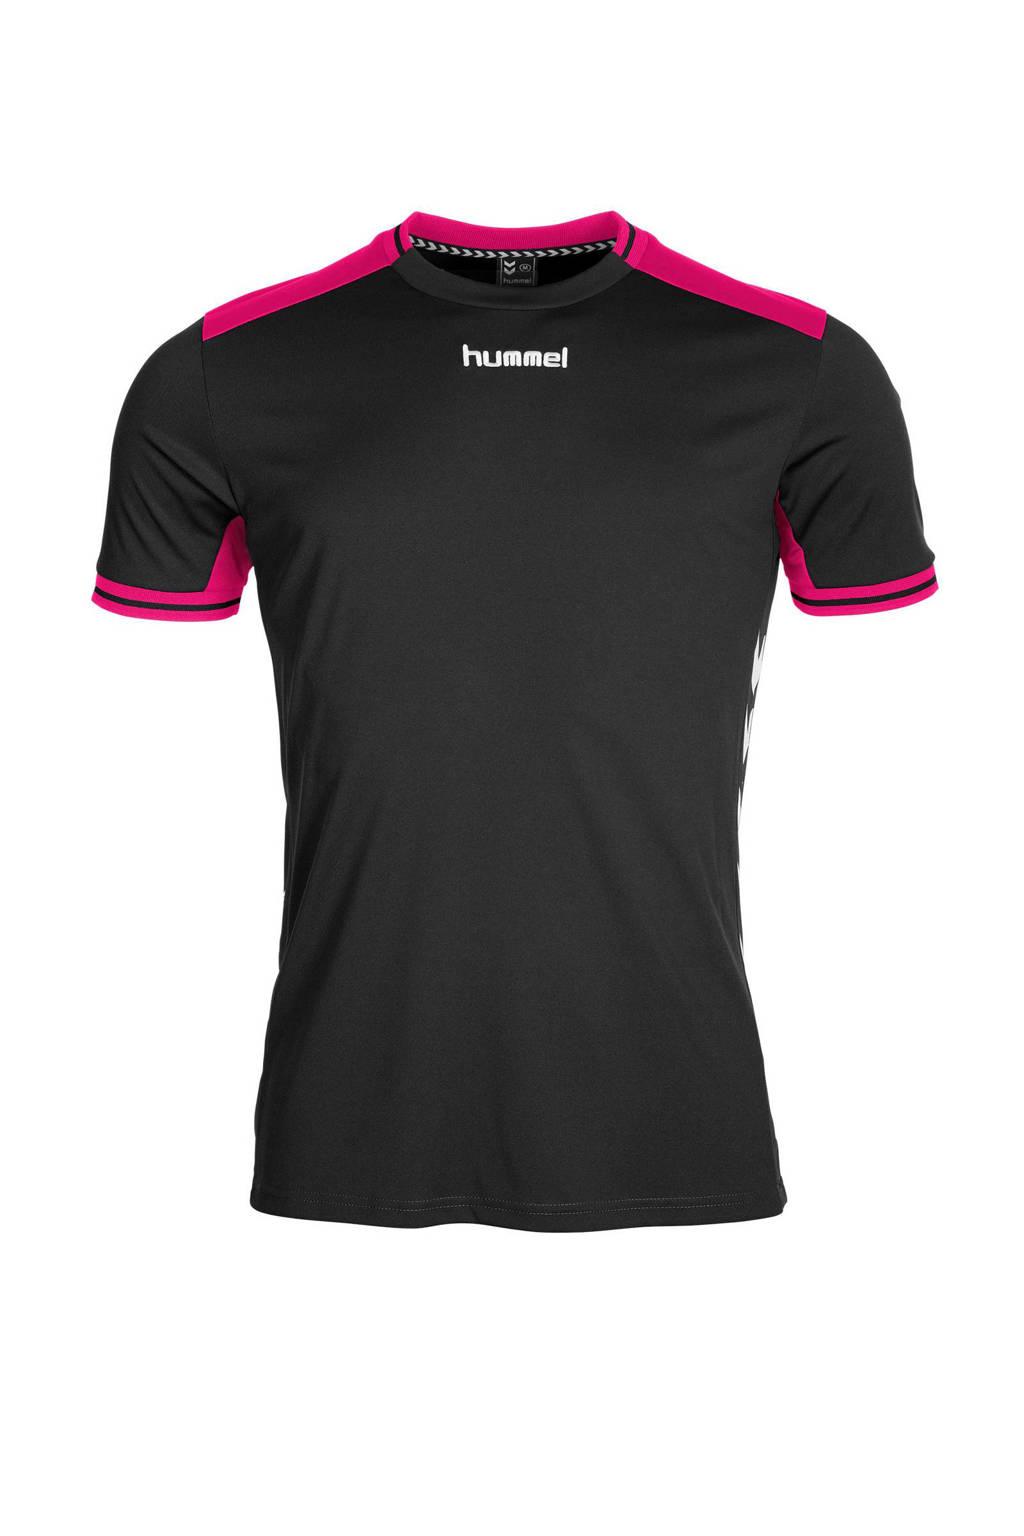 hummel   sport T-shirt, Zwart/roze